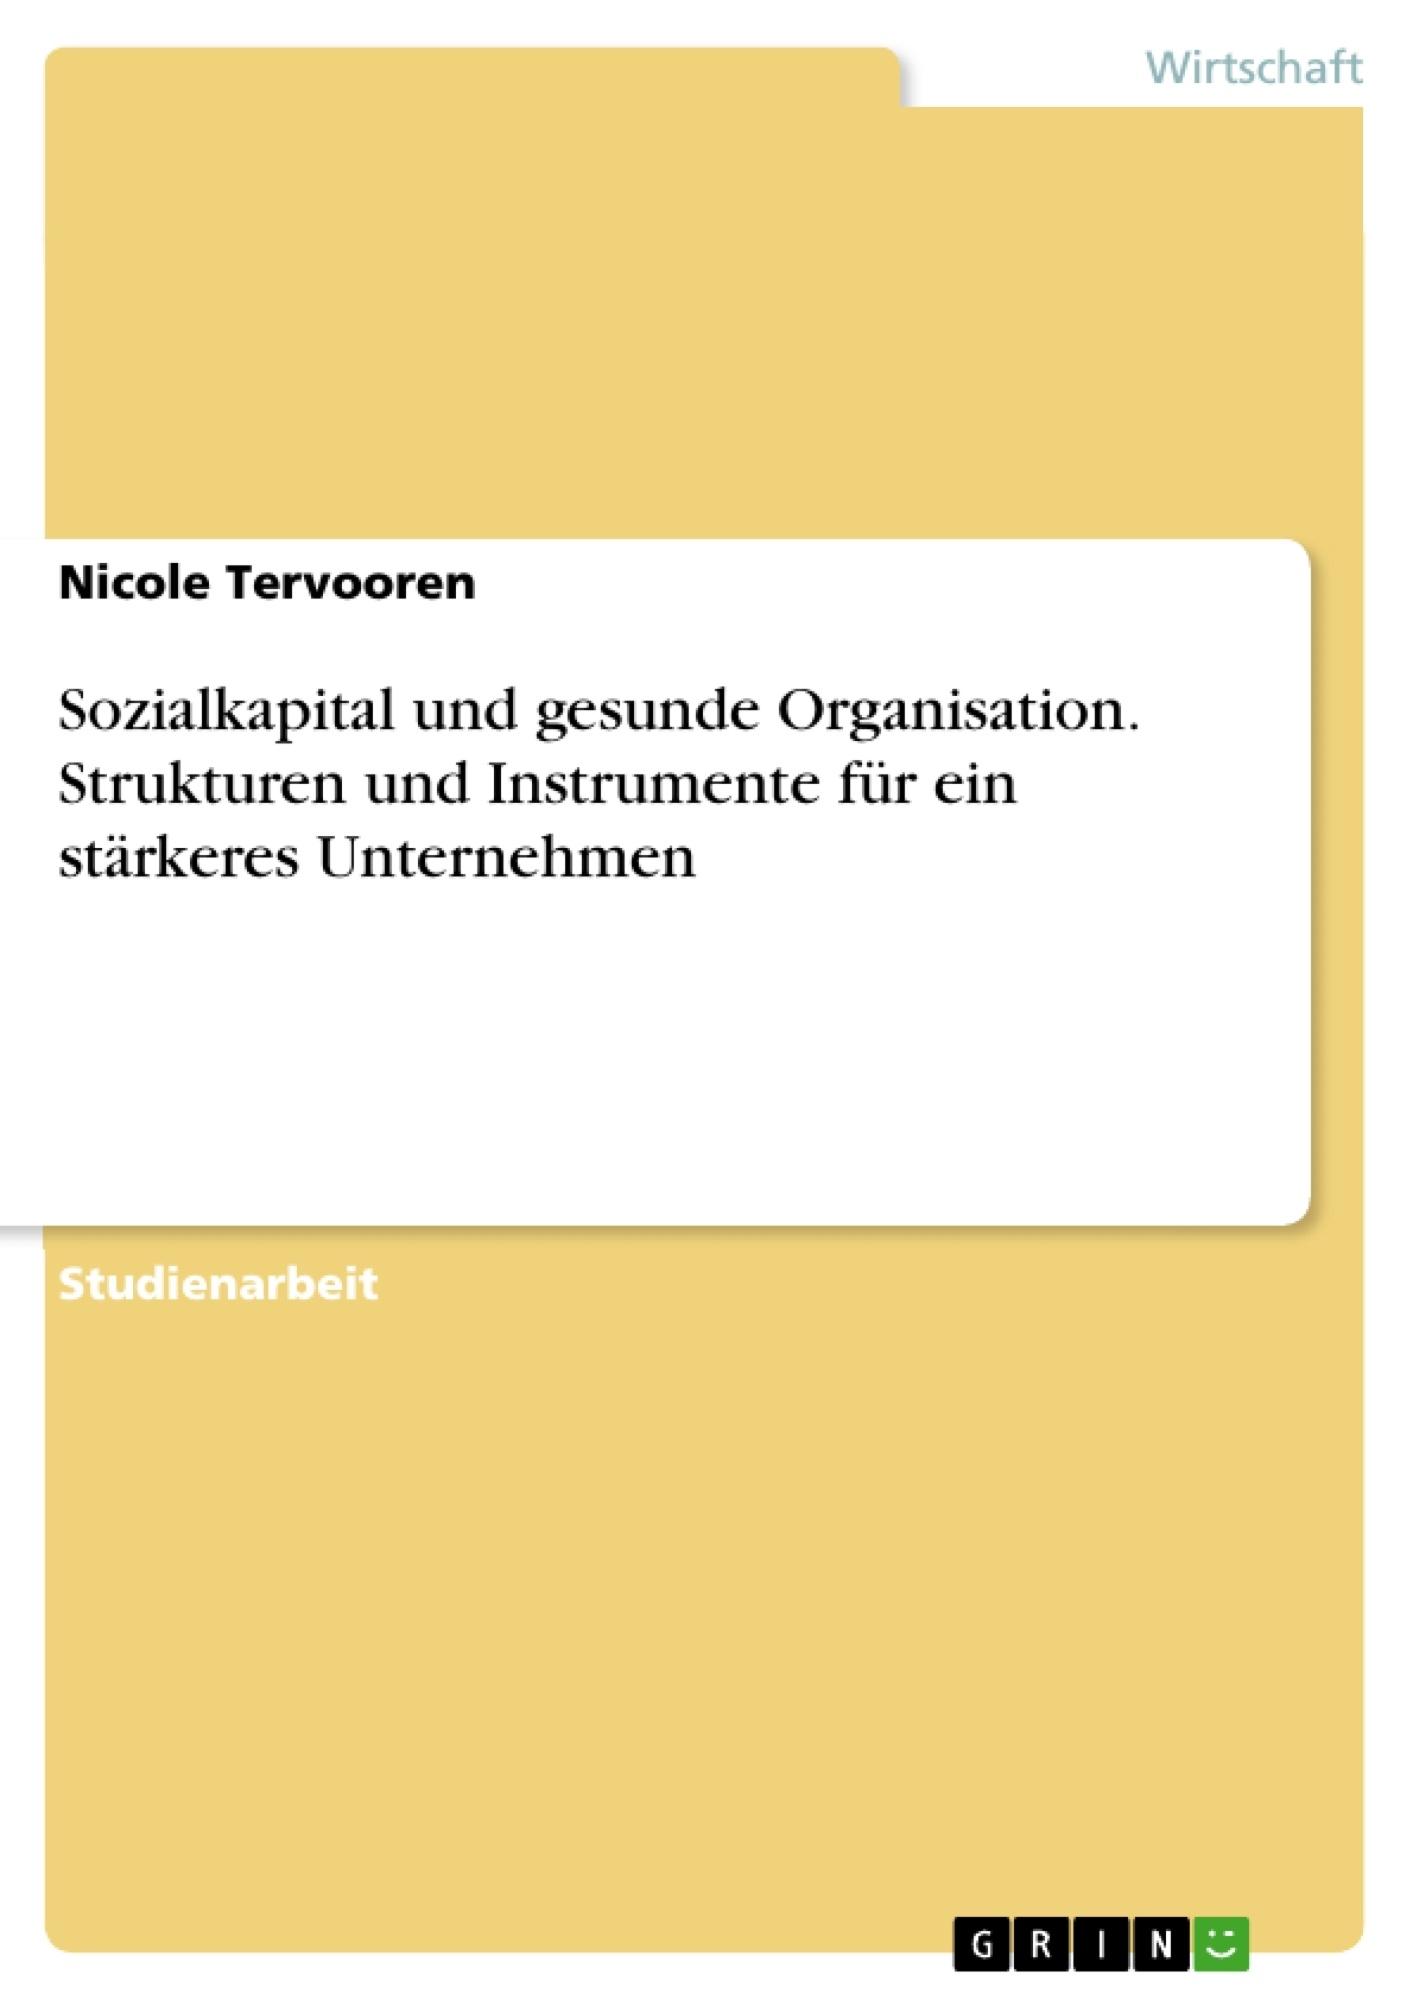 Titel: Sozialkapital und gesunde Organisation. Strukturen und Instrumente für ein stärkeres Unternehmen